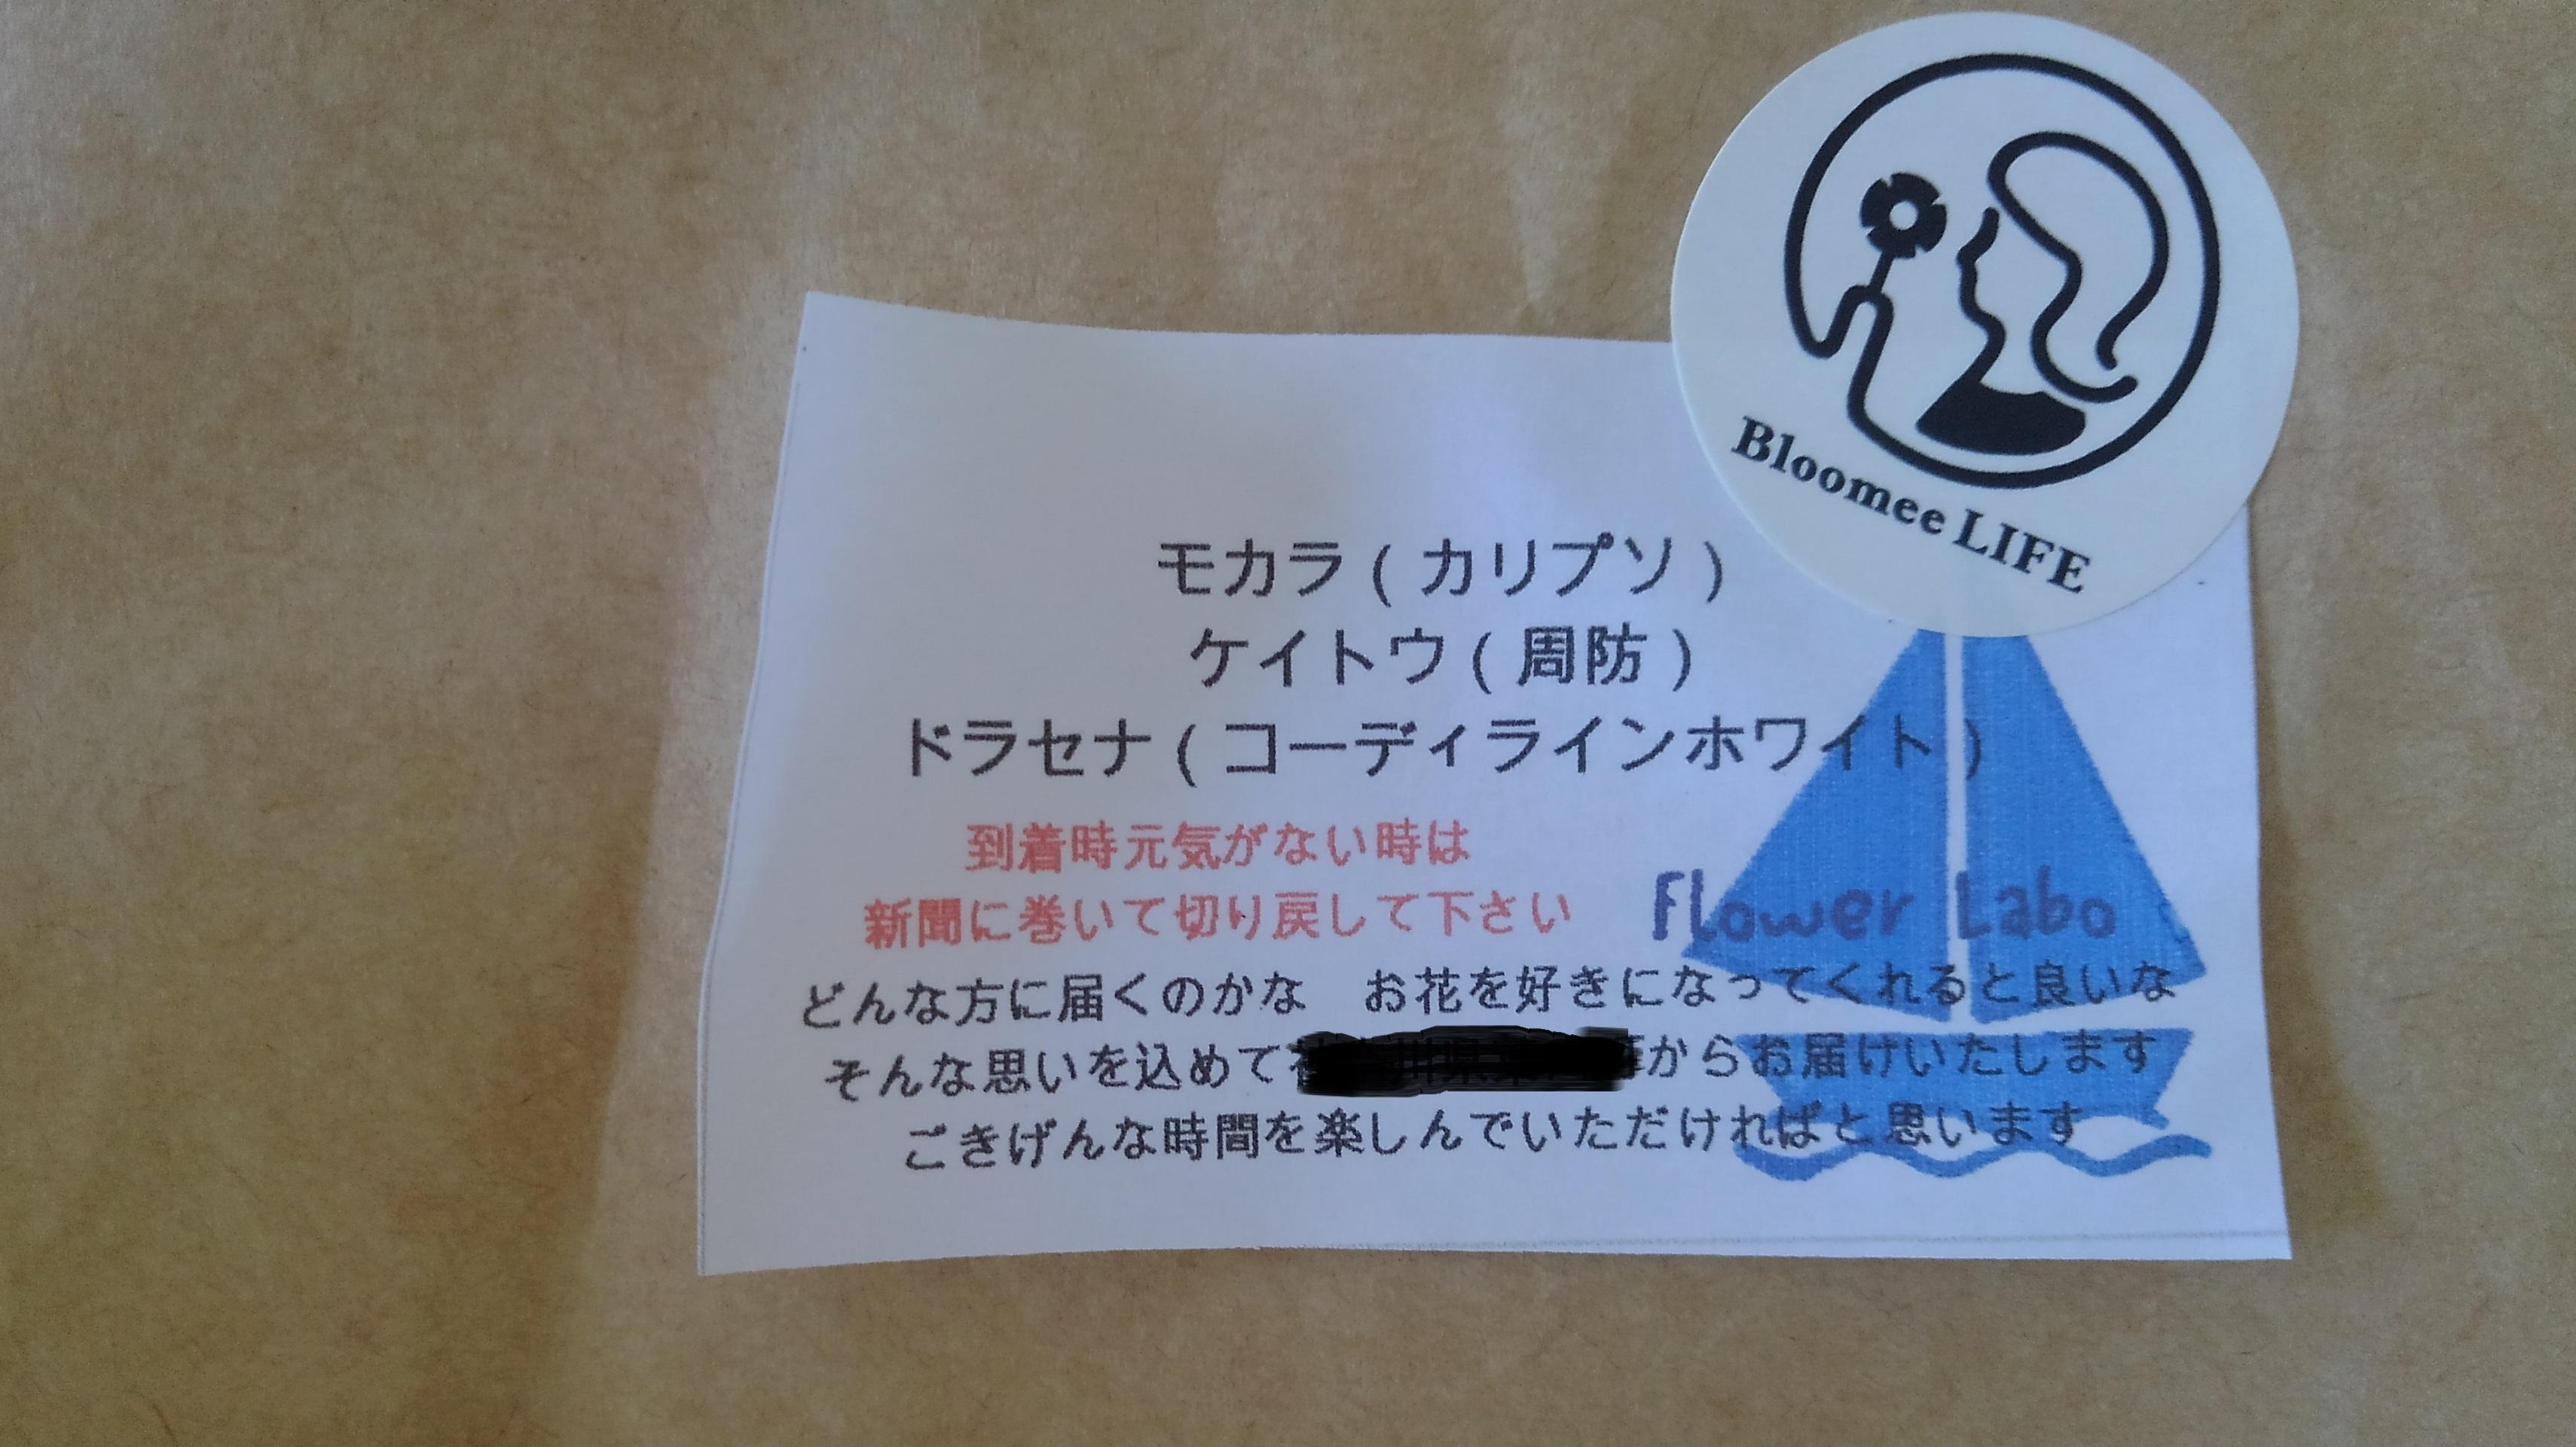 ブルーミーライフ体験プランに同梱のメッセージカード